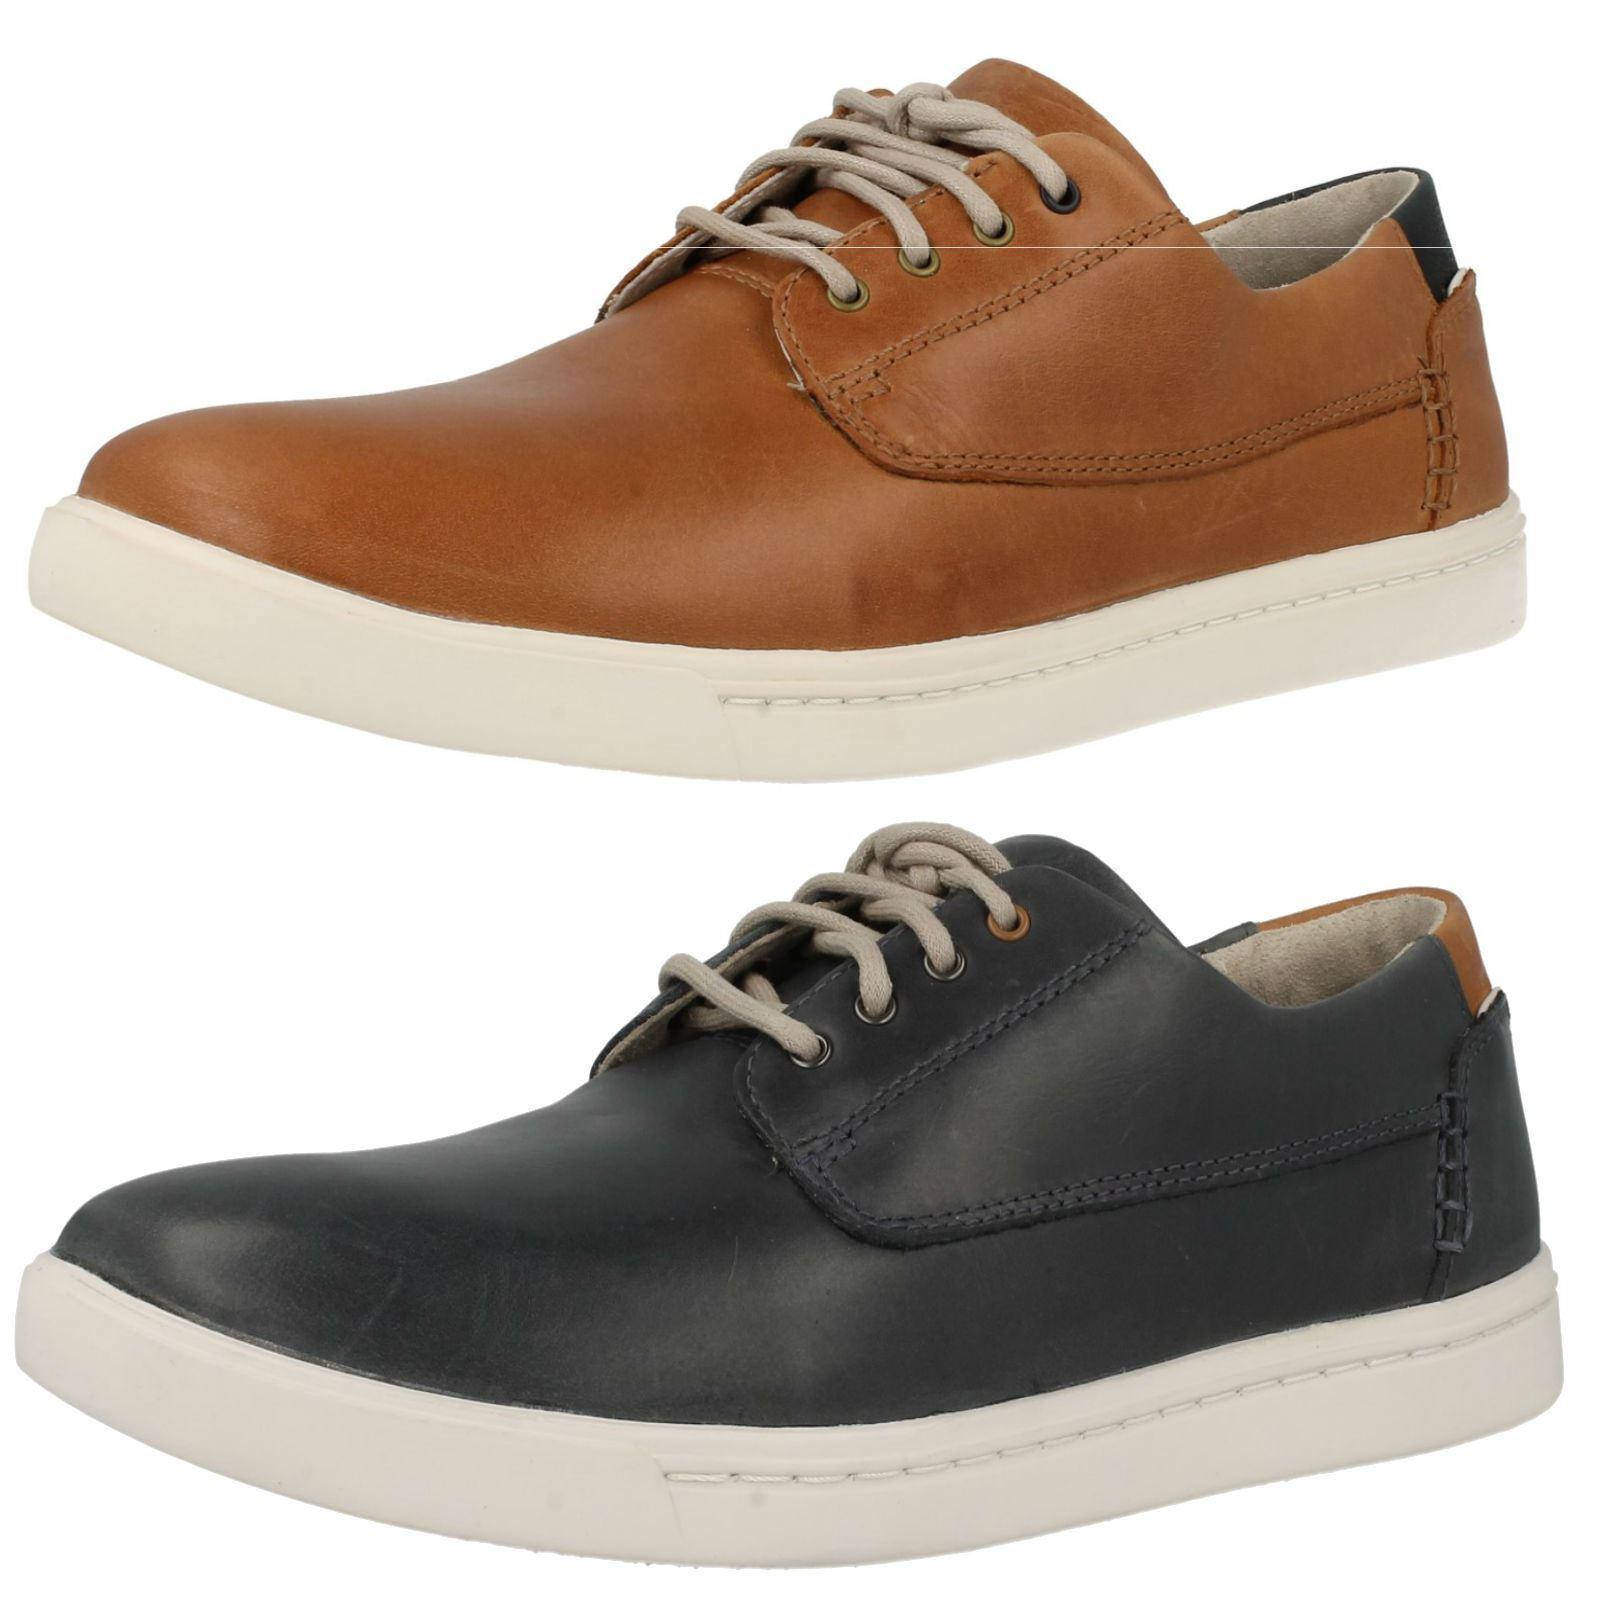 Herren Clarks Plus Leder Freizeit Sportlich Schnürer Turnschuhe Schuhe Newood